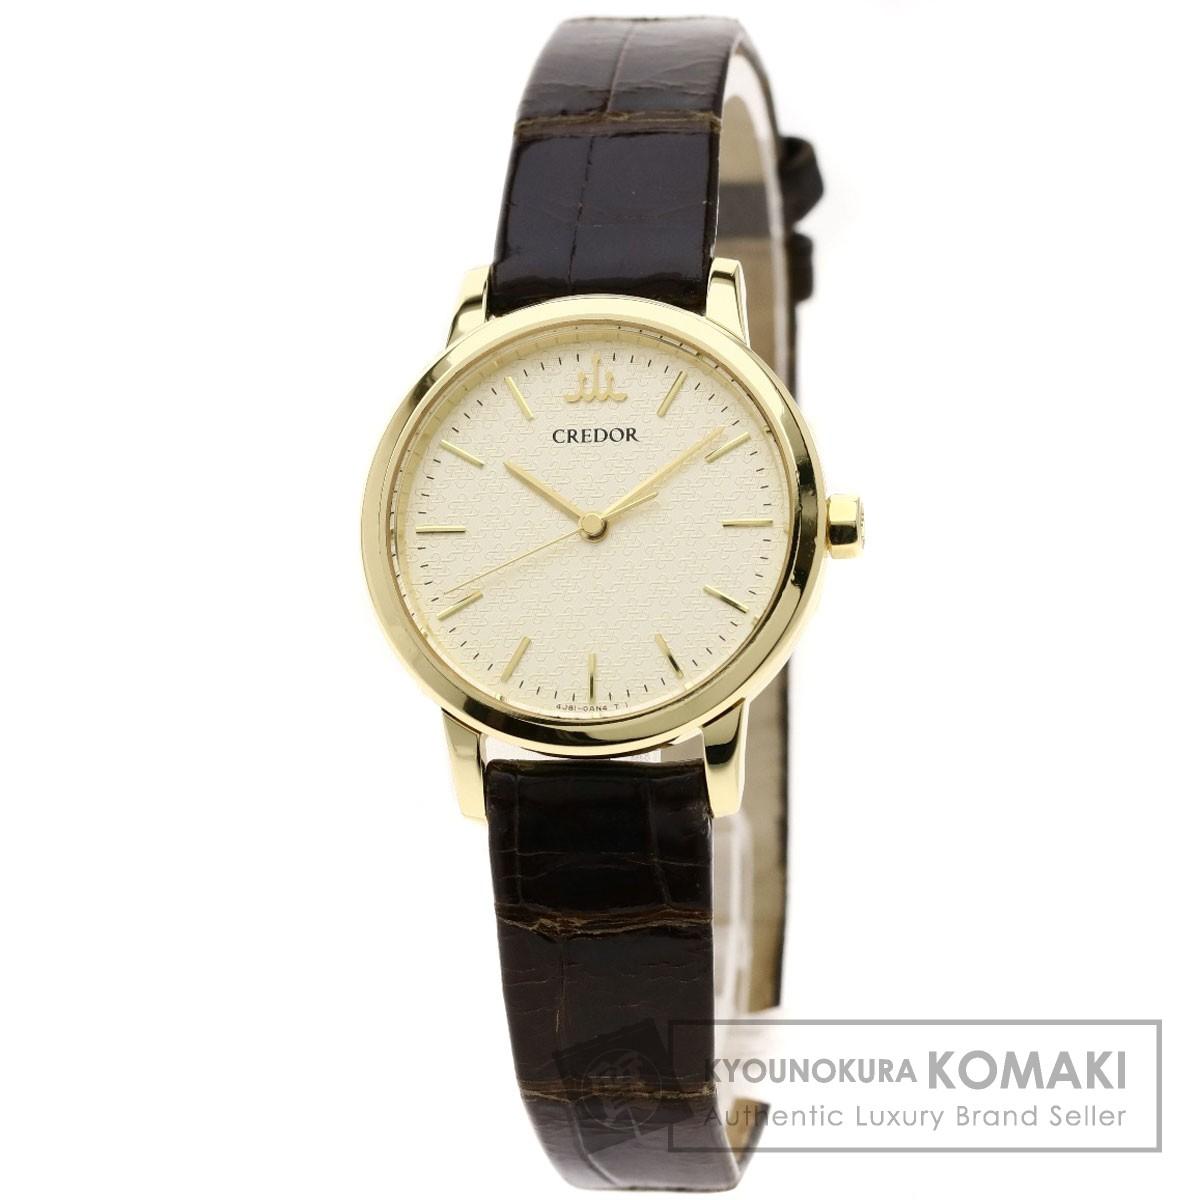 セイコー GTAS012 クレドール 腕時計 K18イエローゴールド/クロコダイル レディース 【中古】【SEIKO】